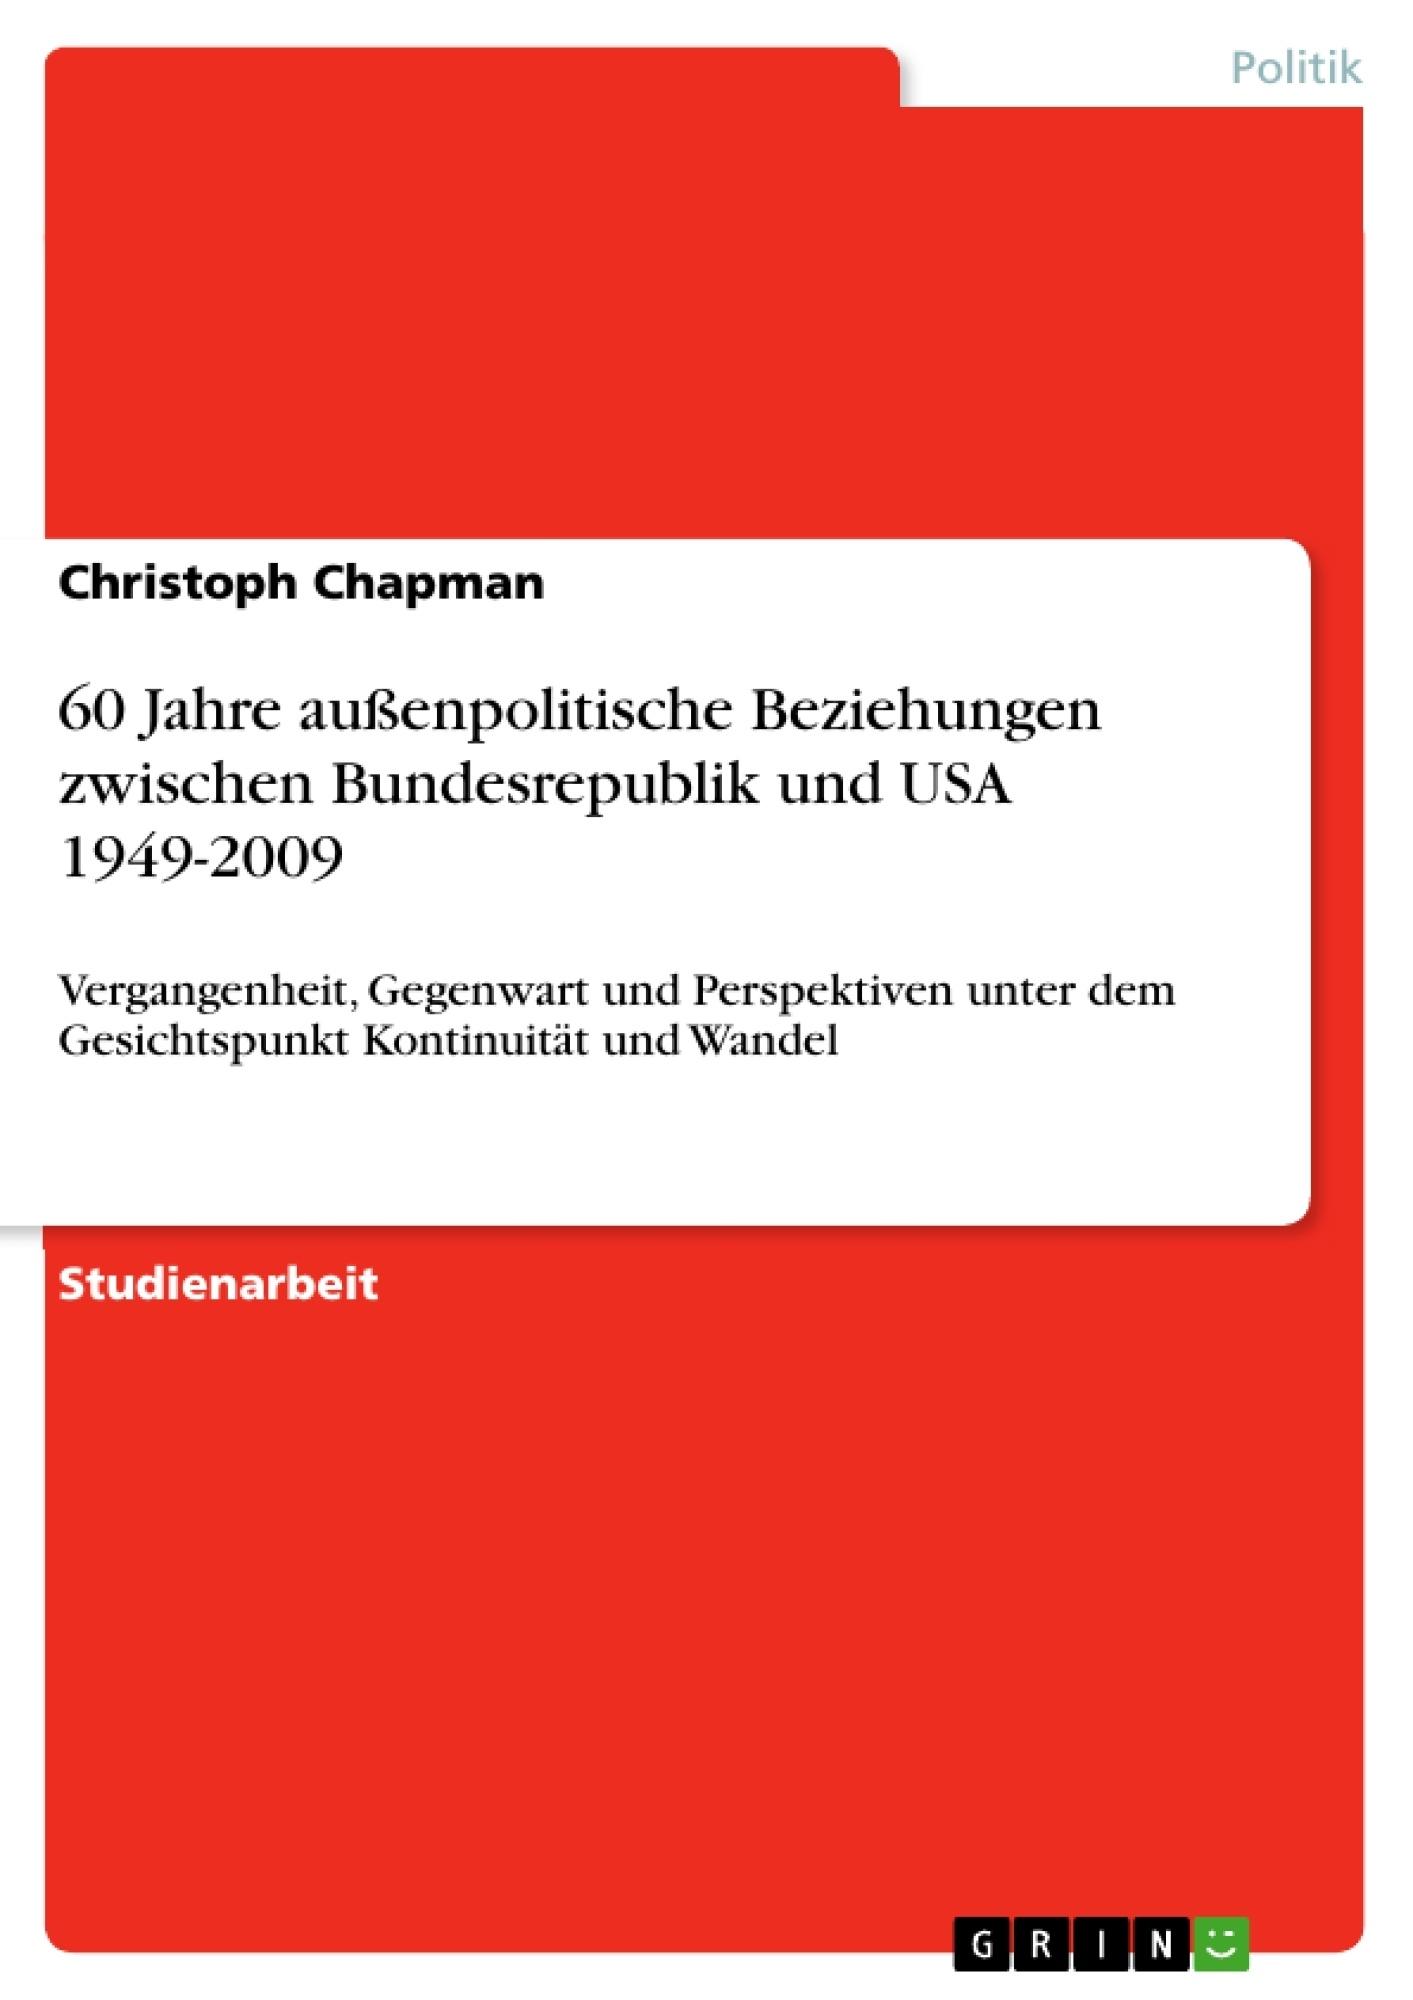 Titel: 60 Jahre außenpolitische Beziehungen zwischen  Bundesrepublik und USA 1949-2009